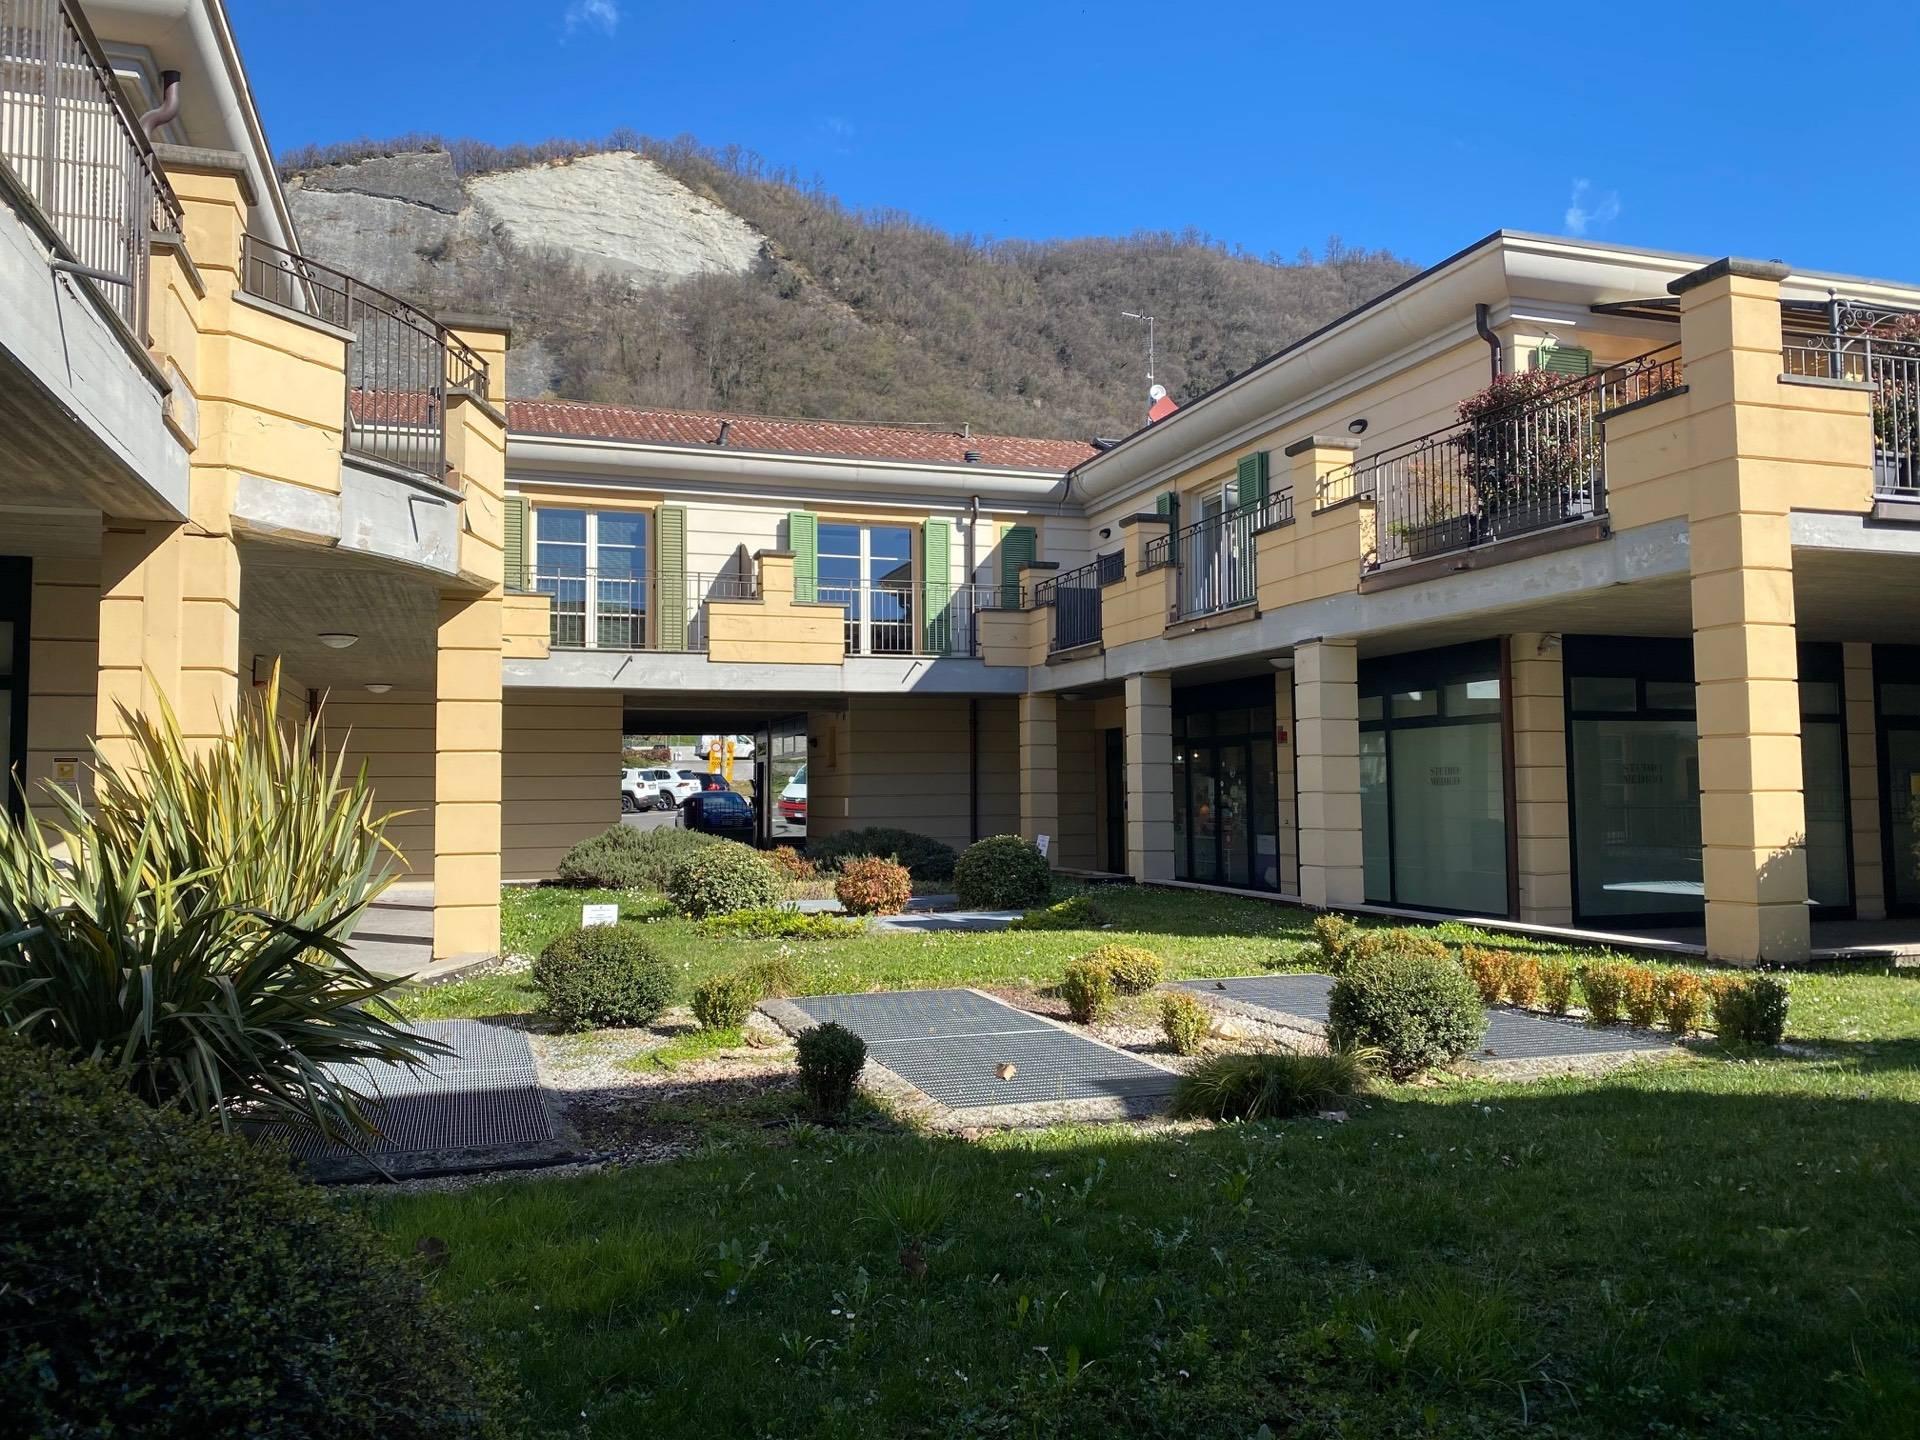 Appartamento in vendita a Sarnico, 3 locali, prezzo € 185.000 | PortaleAgenzieImmobiliari.it